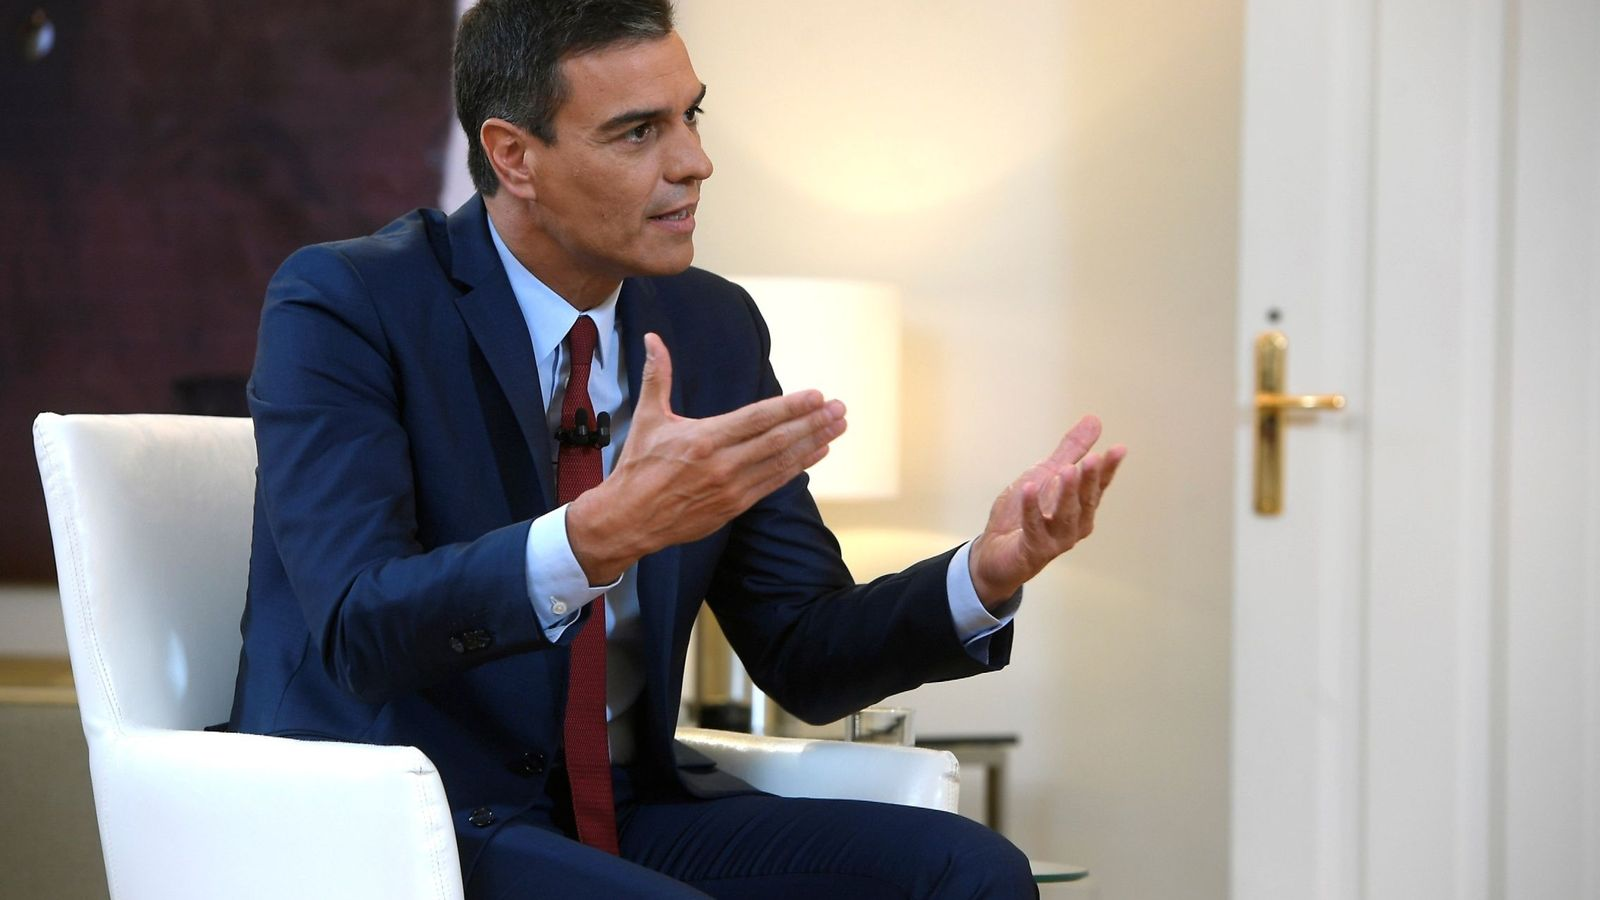 Foto: El presidente del Gobierno en funciones, Pedro Sánchez, durante una entrevista con La Sexta TV. (EFE)